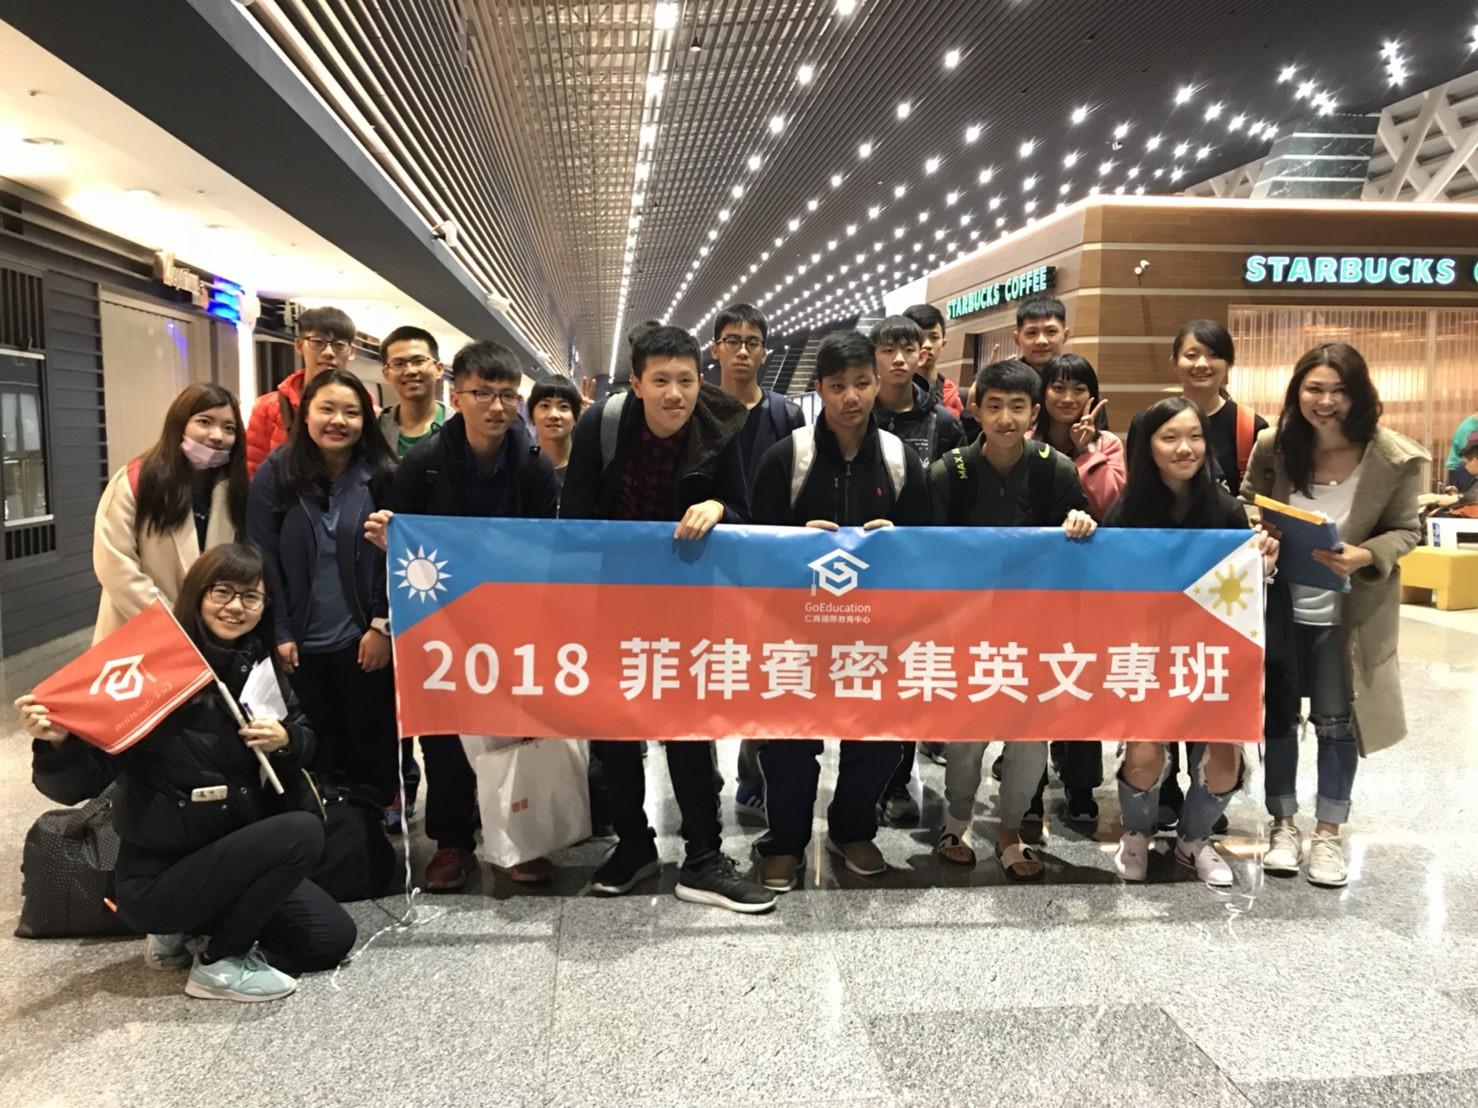 2018菲律賓密集英文班